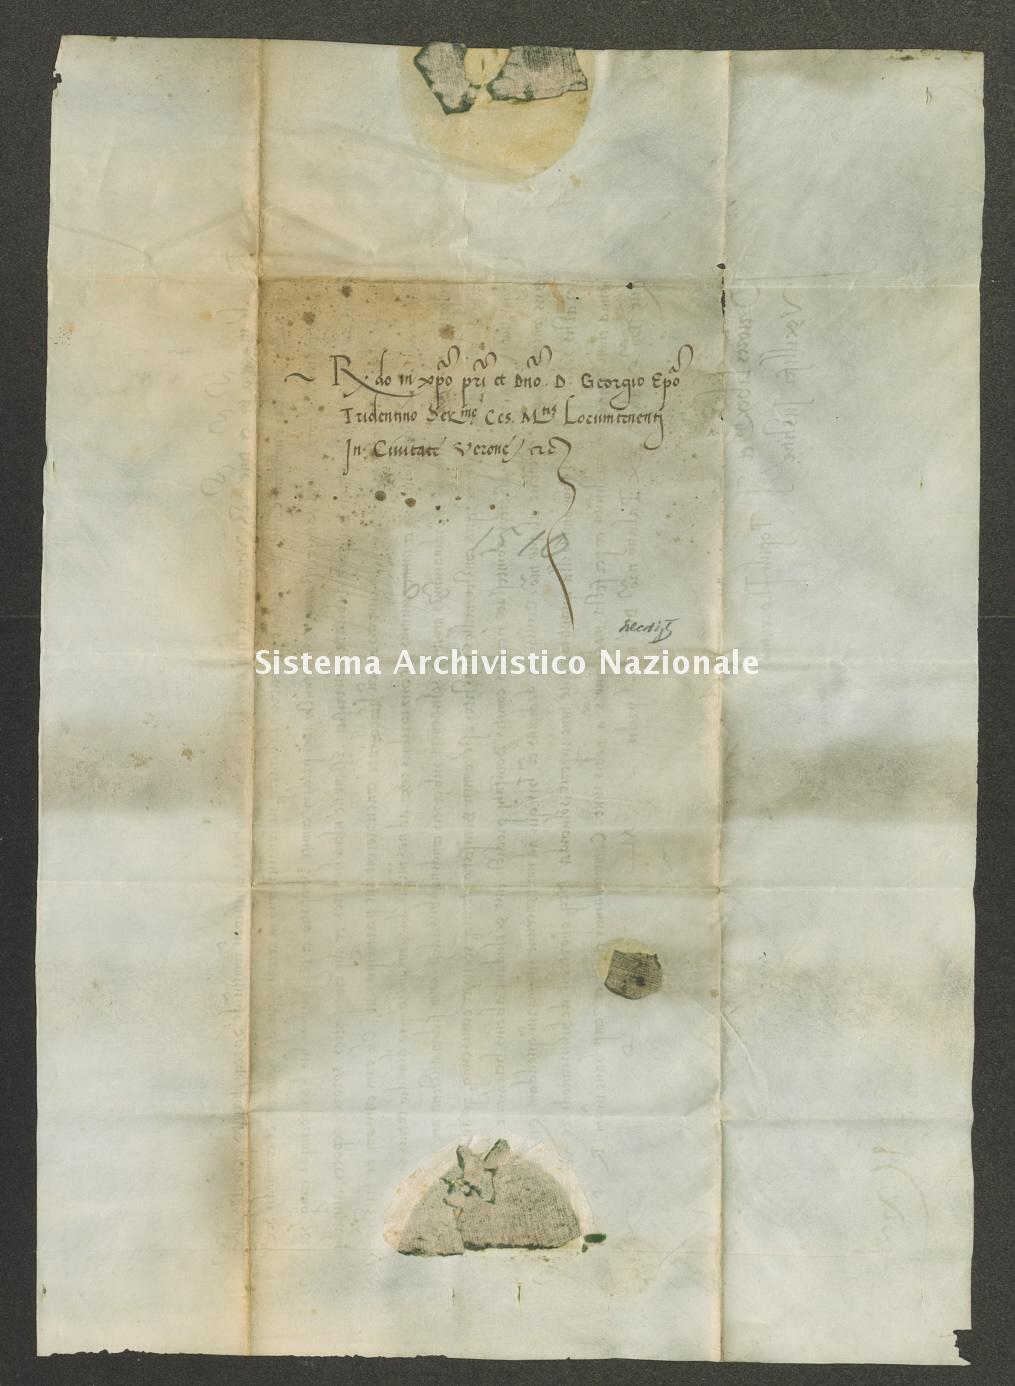 Archivio di Stato di Trento, Capitolo del Duomo di Trento, Pergamena ITASTNCAPITOLODUOMON1268_02